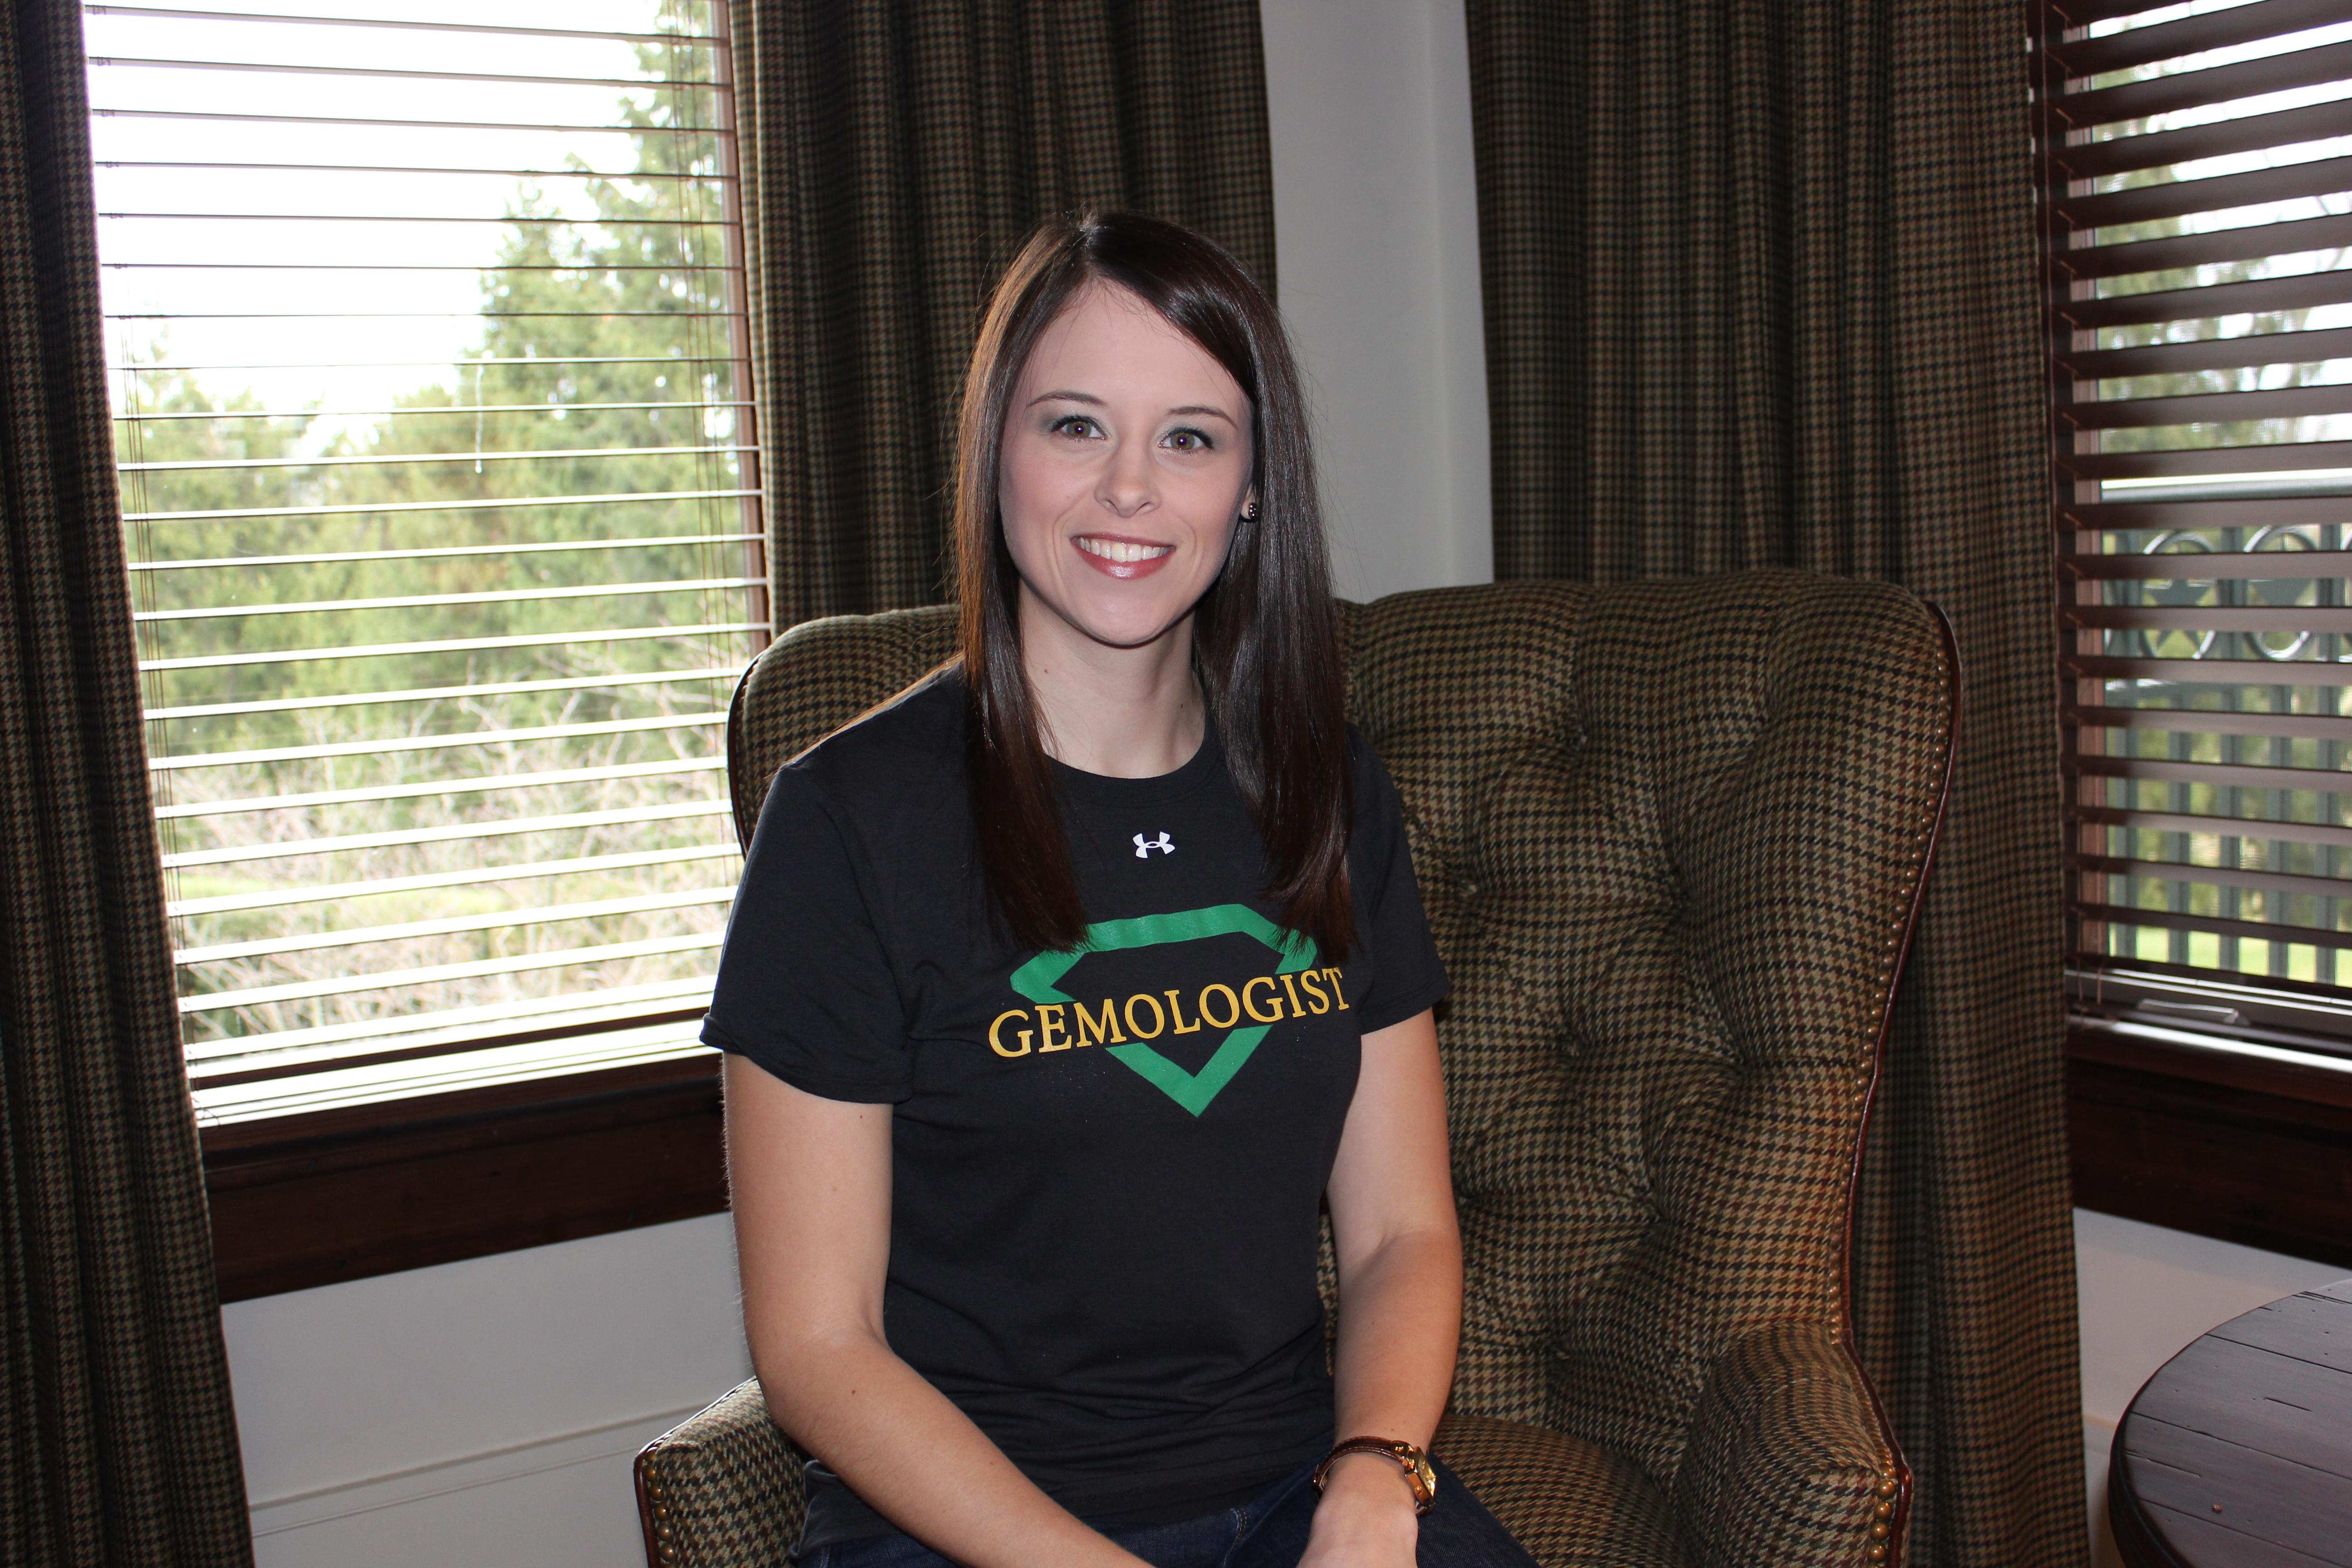 Gemologist T-Shirt - Women's-129